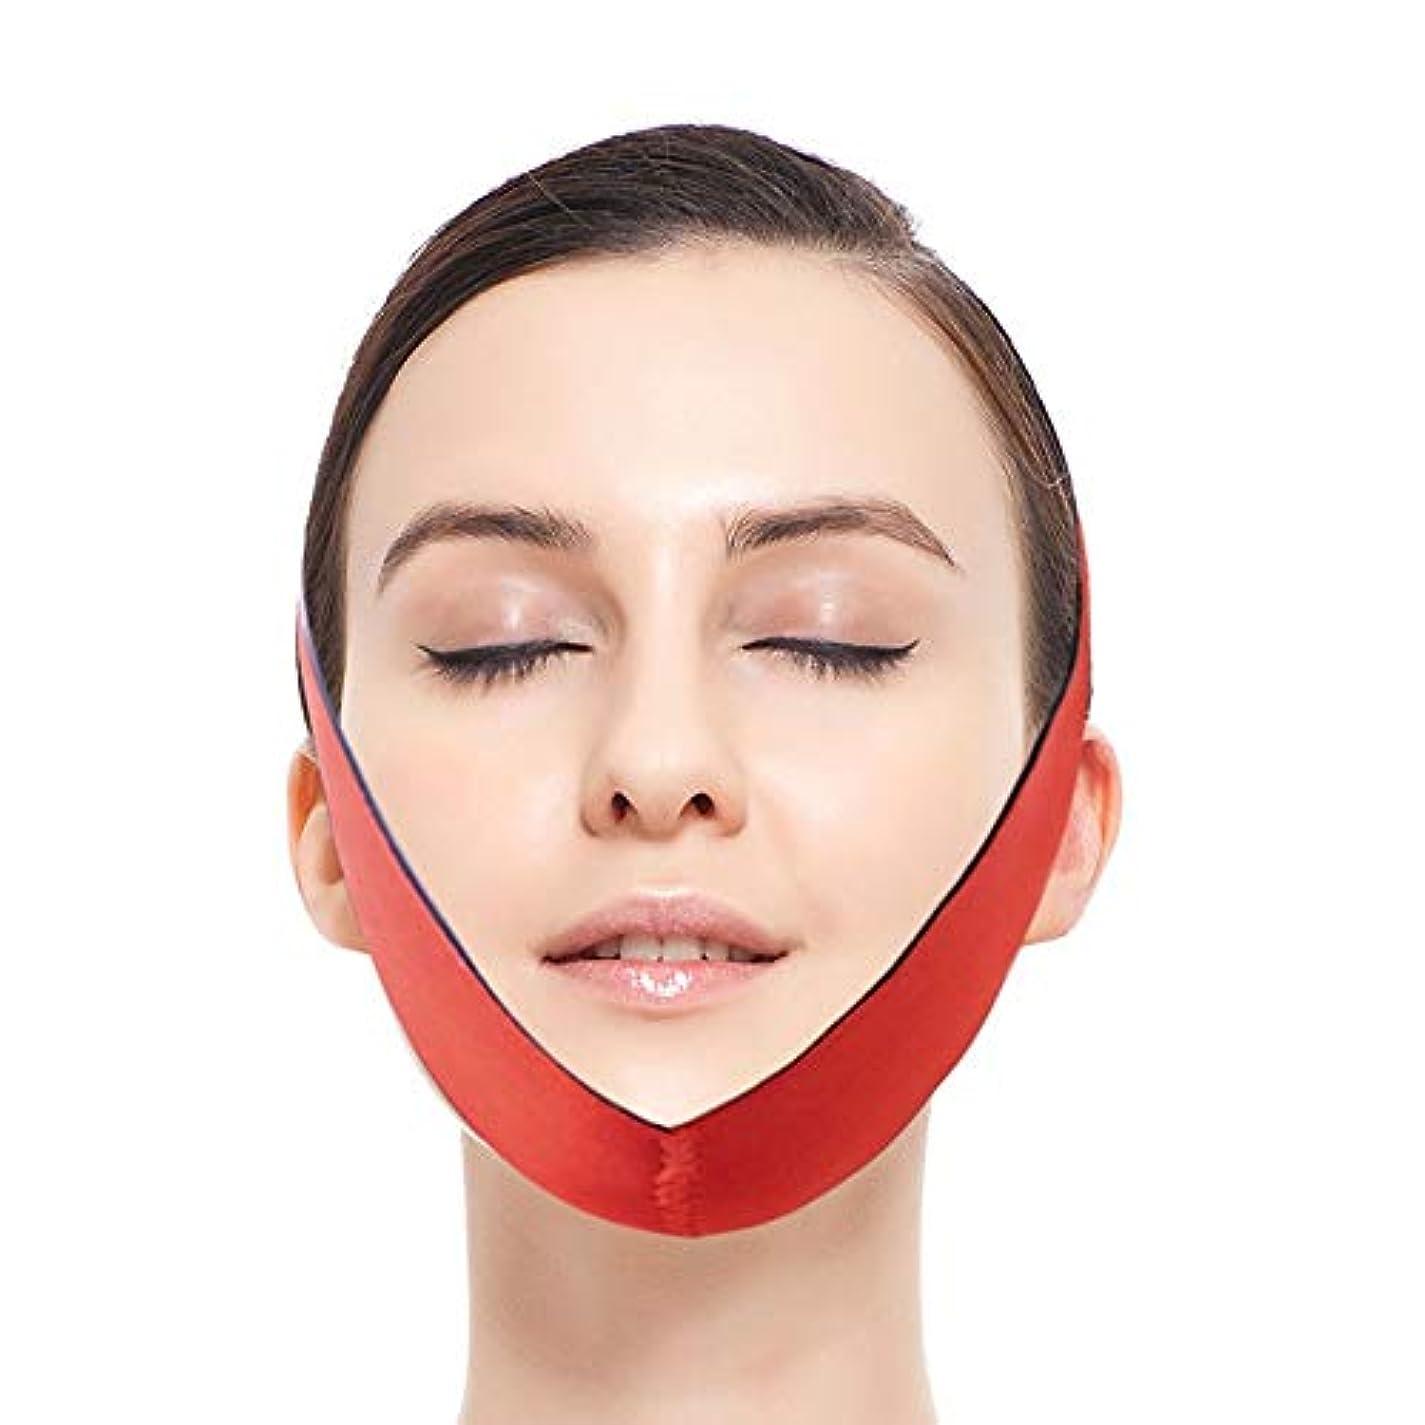 サンドイッチ時折フラップJia Jia- フェイスリフティングアーティファクトVフェイス包帯マスクダブルあご引き締め顔薄い咬傷筋肉下顎矯正顔 顔面包帯